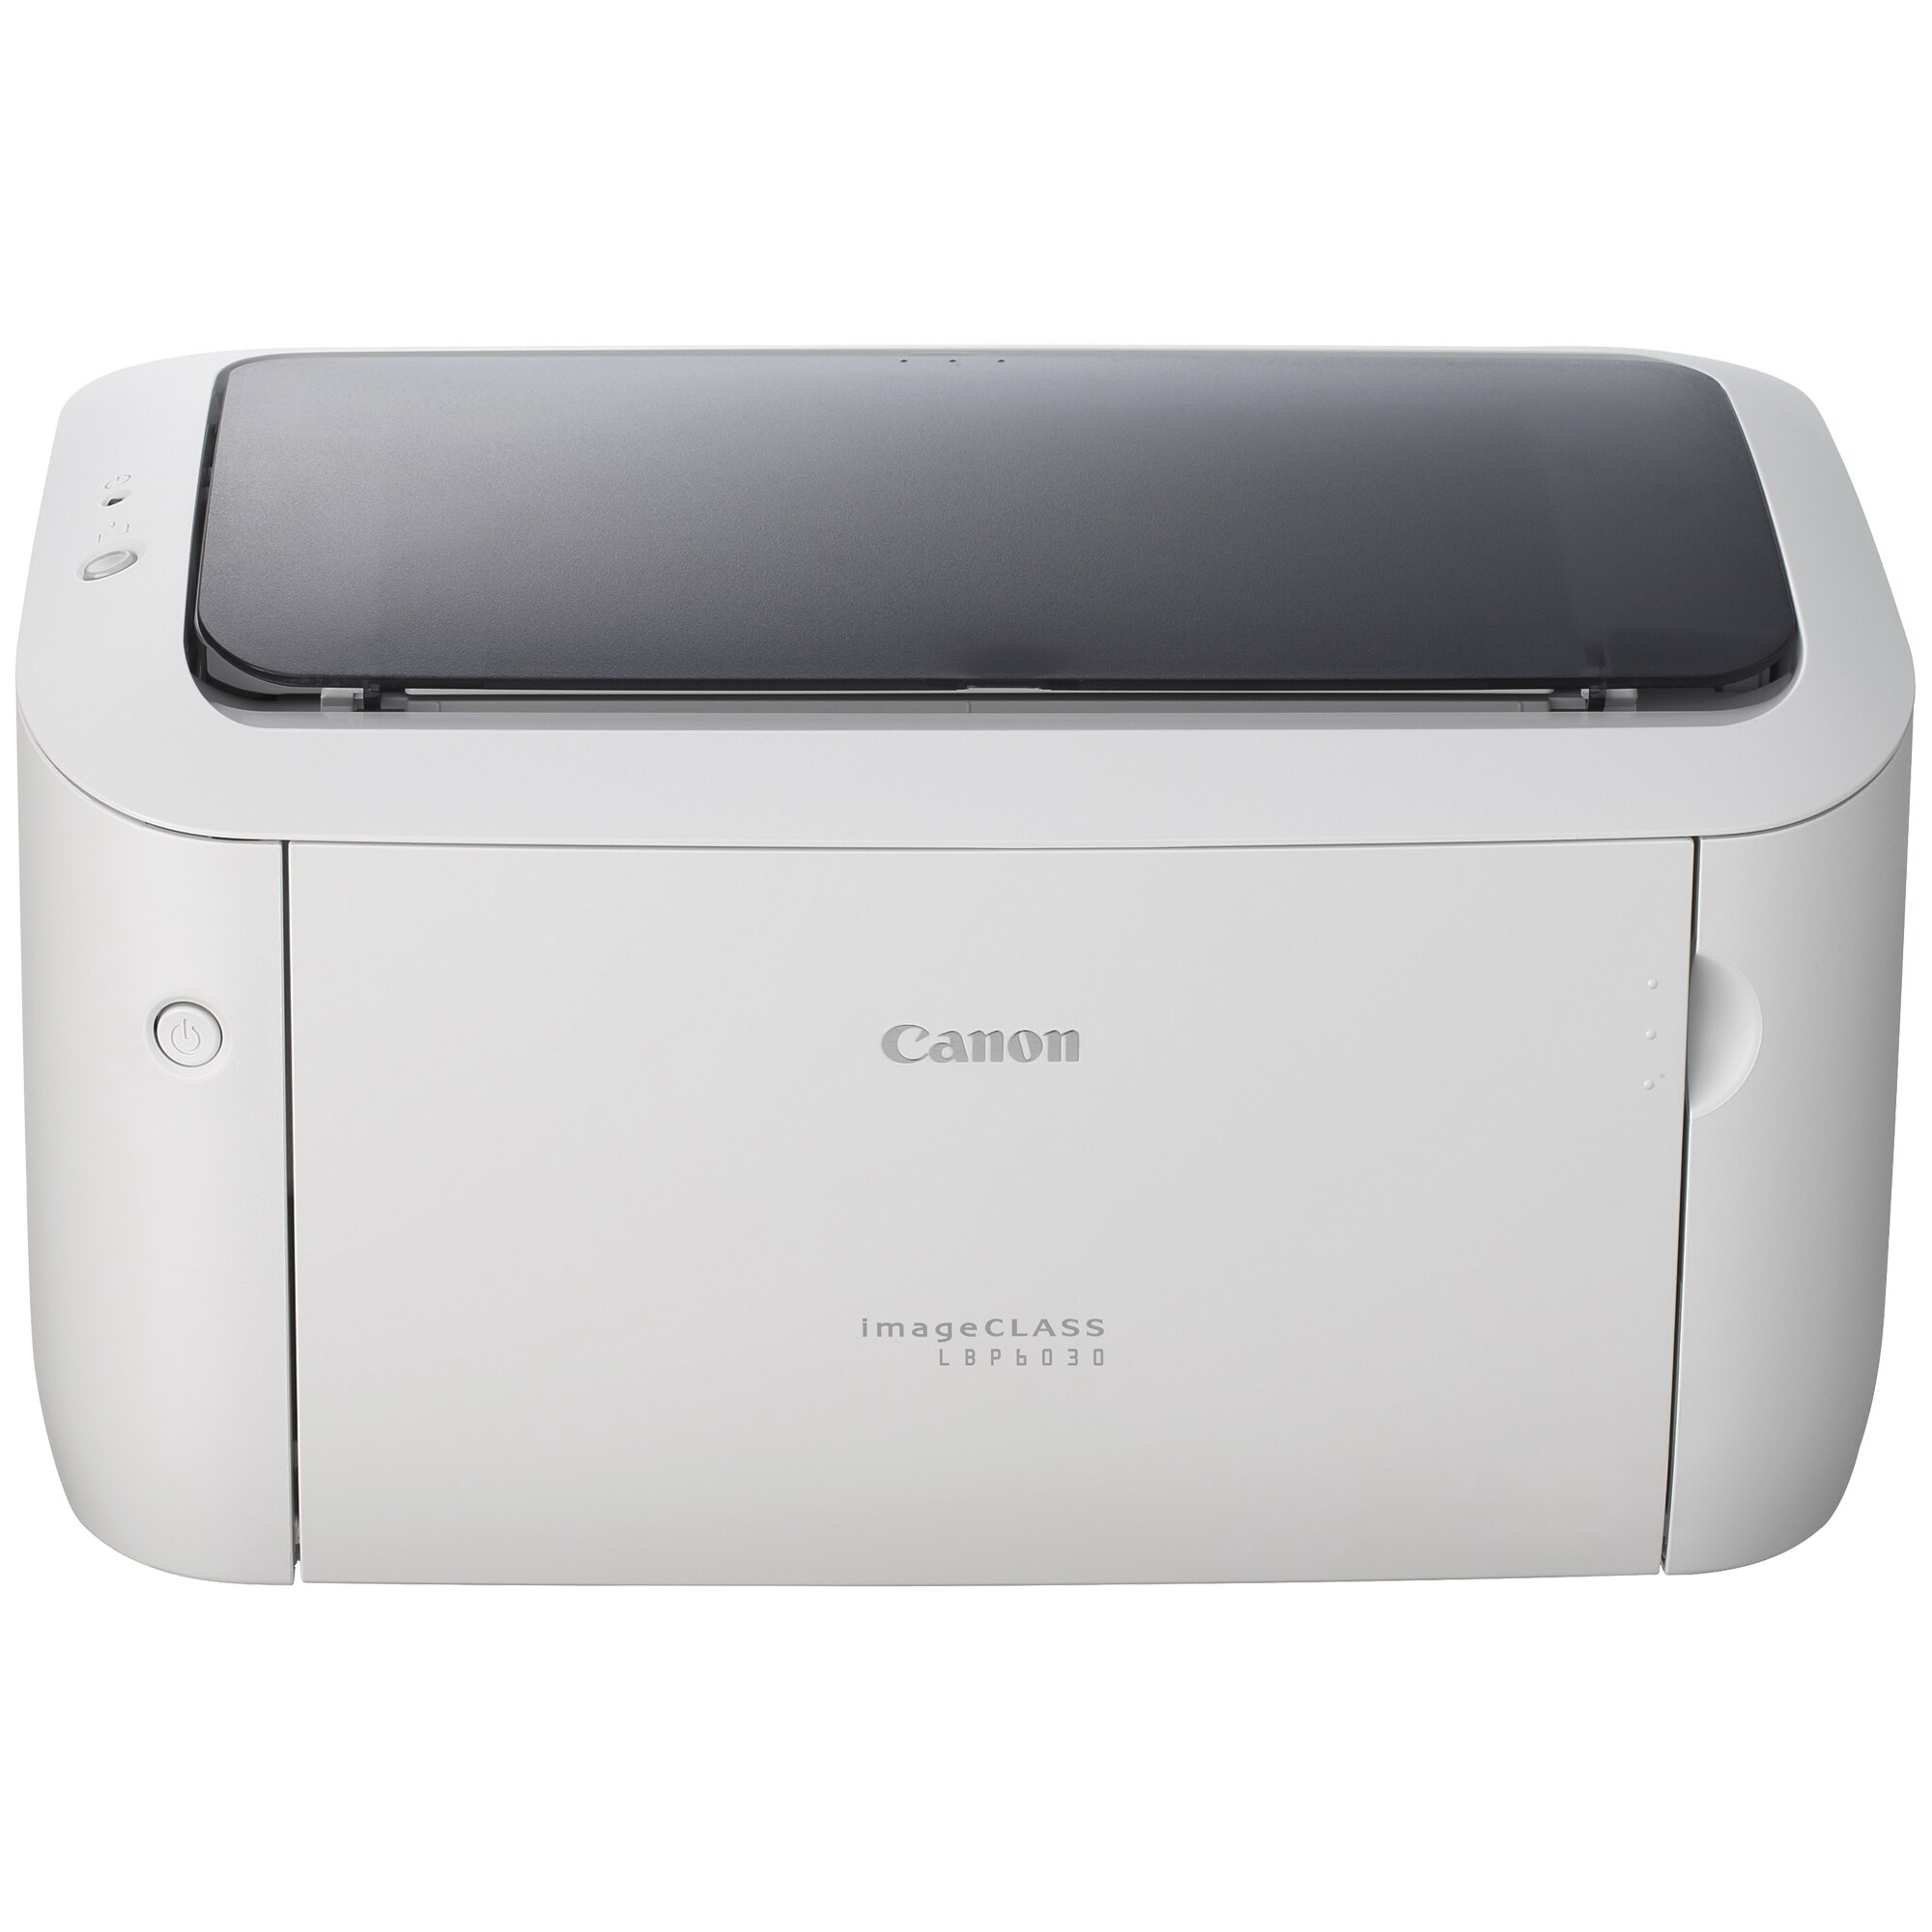 Caonon LPB 6030